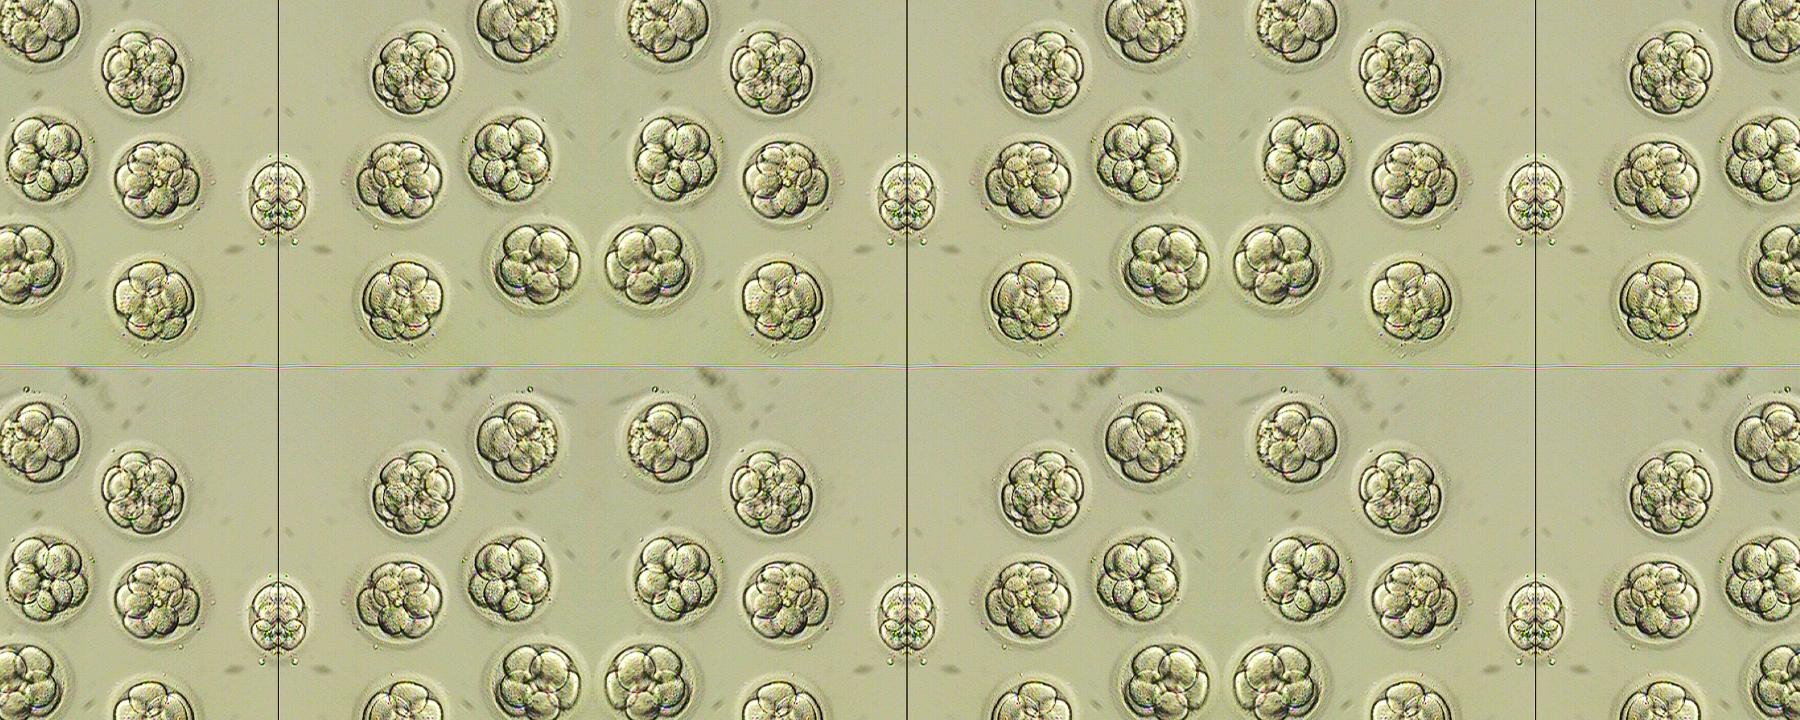 Doubts Arise Again About CRISPR'd Human Embryos